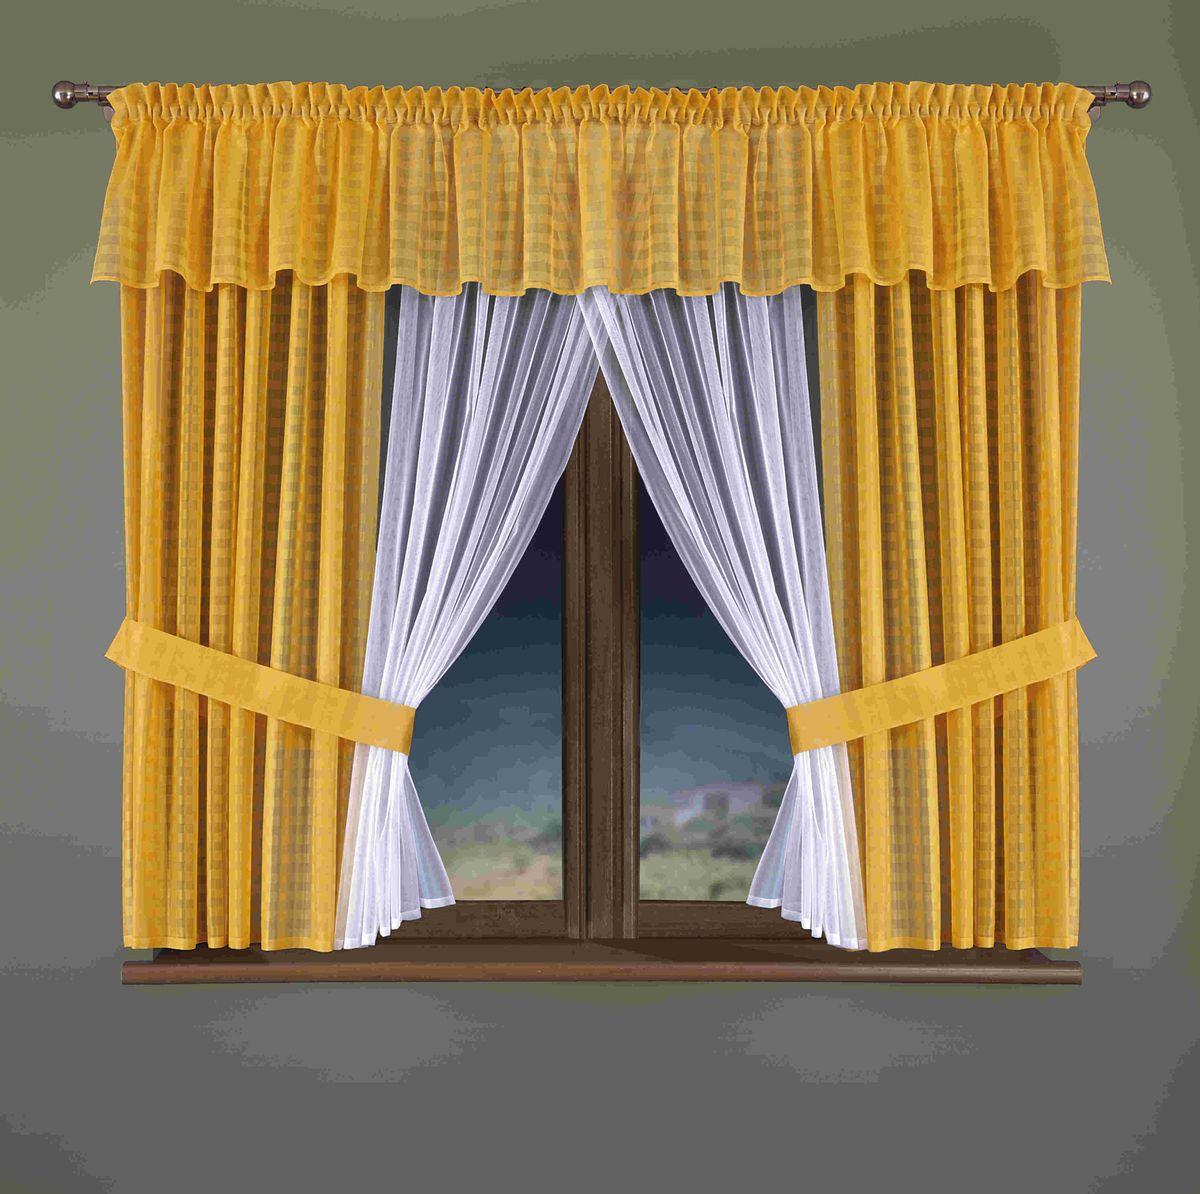 Комплект штор для кухни Wisan Sindi, цвет: белый, желтый, высота 170 смS03301004Комплект штор Wisan Sindi выполненный из полиэстера, великолепно украсит кухонное окно. Тонкое плетение, оригинальный дизайн привлекут к себе внимание и органично впишутся в интерьер. В комплект входят 2 шторы, тюль, ламбрекен и 2 подхвата. Нежный узор придает комплекту особый стиль и шарм. Тонкое плетение, нежная цветовая гамма и роскошное исполнение - все это делает шторы Wisan Sindi замечательным дополнением интерьера помещения. Комплект оснащен шторной лентой для красивой сборки. В комплект входит: Штора - 2 шт. Размер (ШхВ): 150 см х 170 см. Тюль - 1 шт. Размер (ШхВ): 150 см х 170 см. Ламбрекен - 1 шь. Размер (ШхВ): 400 см х 40 см. Подхват - 2 шт.Фирма Wisan на польском рынке существует уже более пятидесяти лет и является одной из лучших польских фабрик по производству штор и тканей. Ассортимент фирмы представлен готовыми комплектами штор для гостиной, детской, кухни, а также текстилем для кухни (скатерти, салфетки, дорожки, кухонные занавески). Модельный ряд отличает оригинальный дизайн, высокое качество. Ассортимент продукции постоянно пополняется.